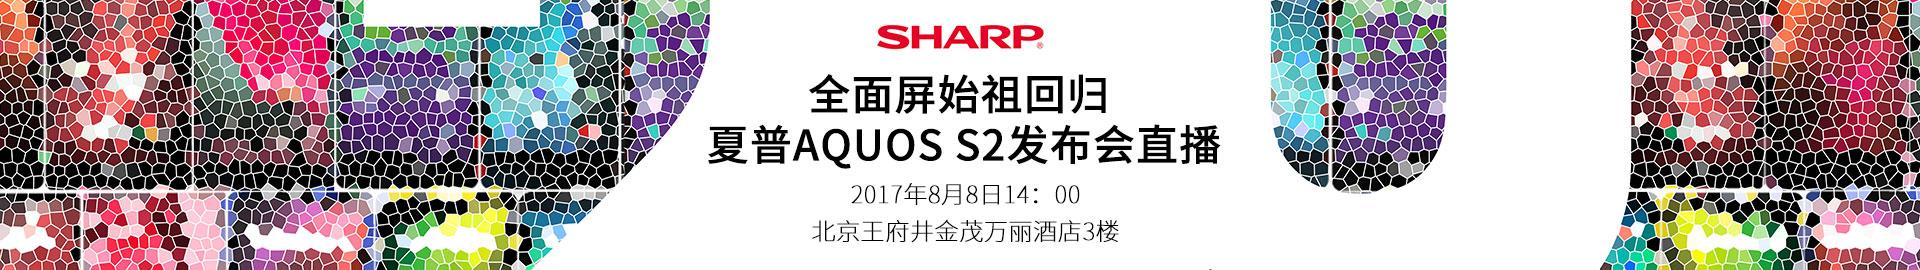 全面屏始祖回归 夏普AQUOS S2发布会直播